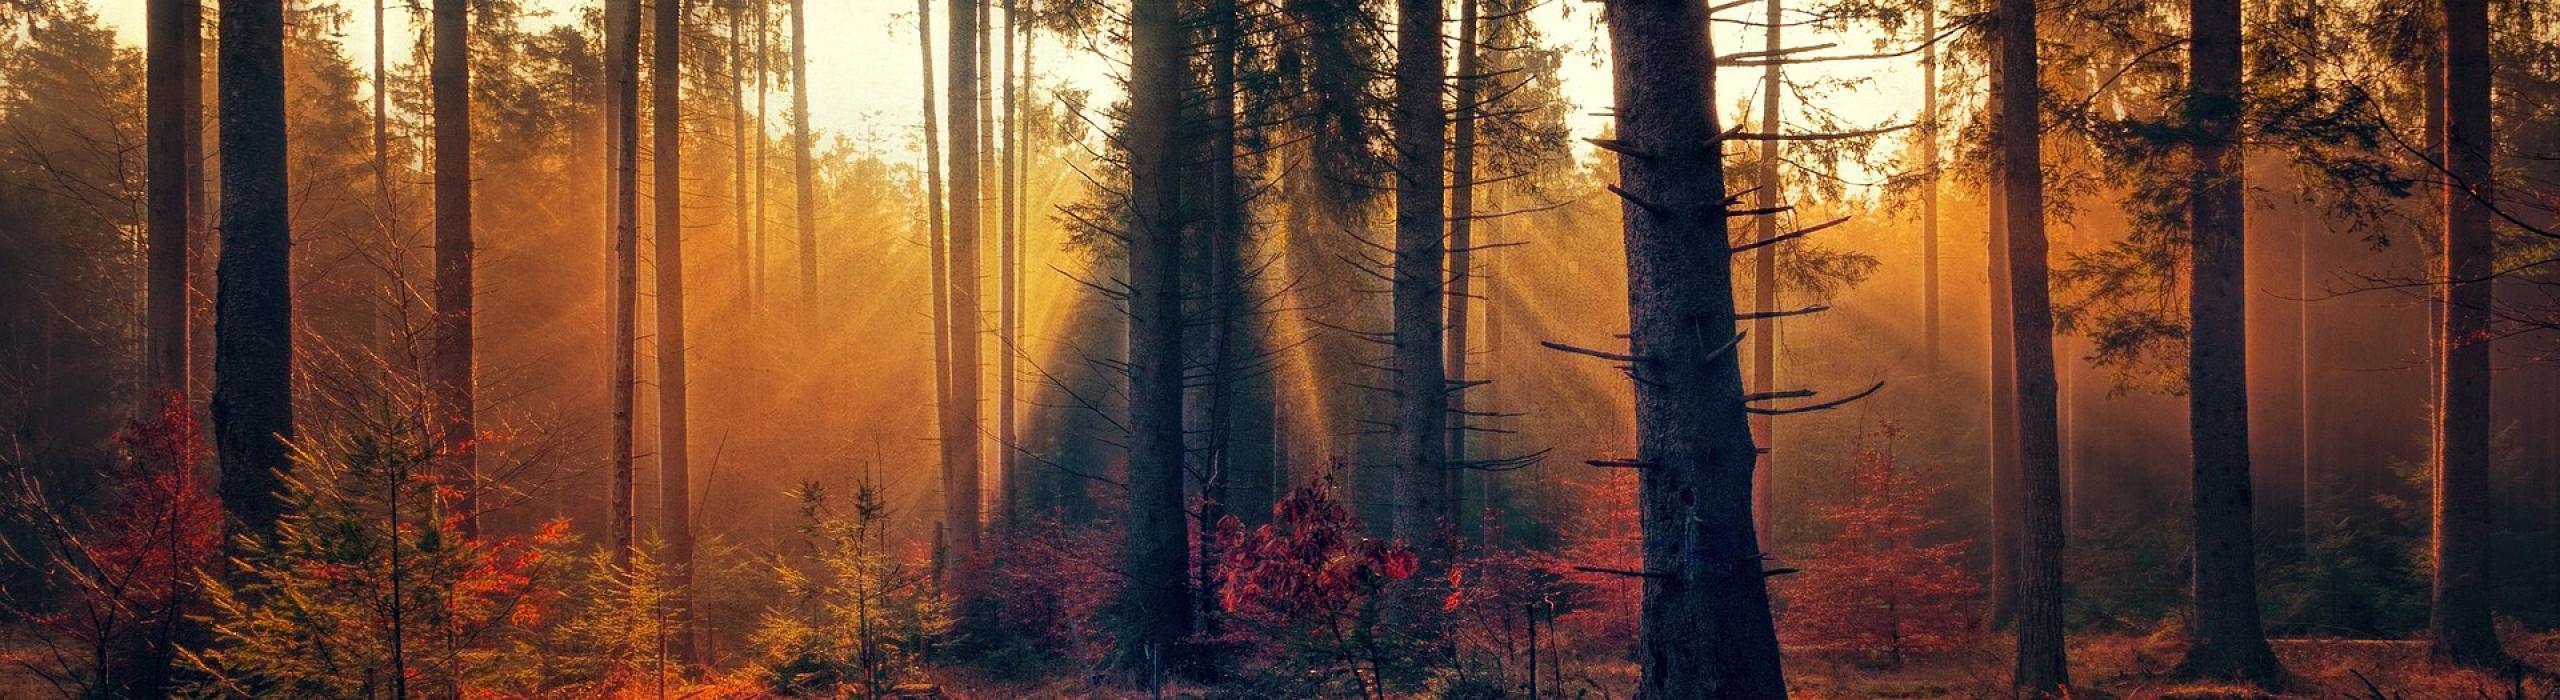 forest-3392077_1920_slider_02